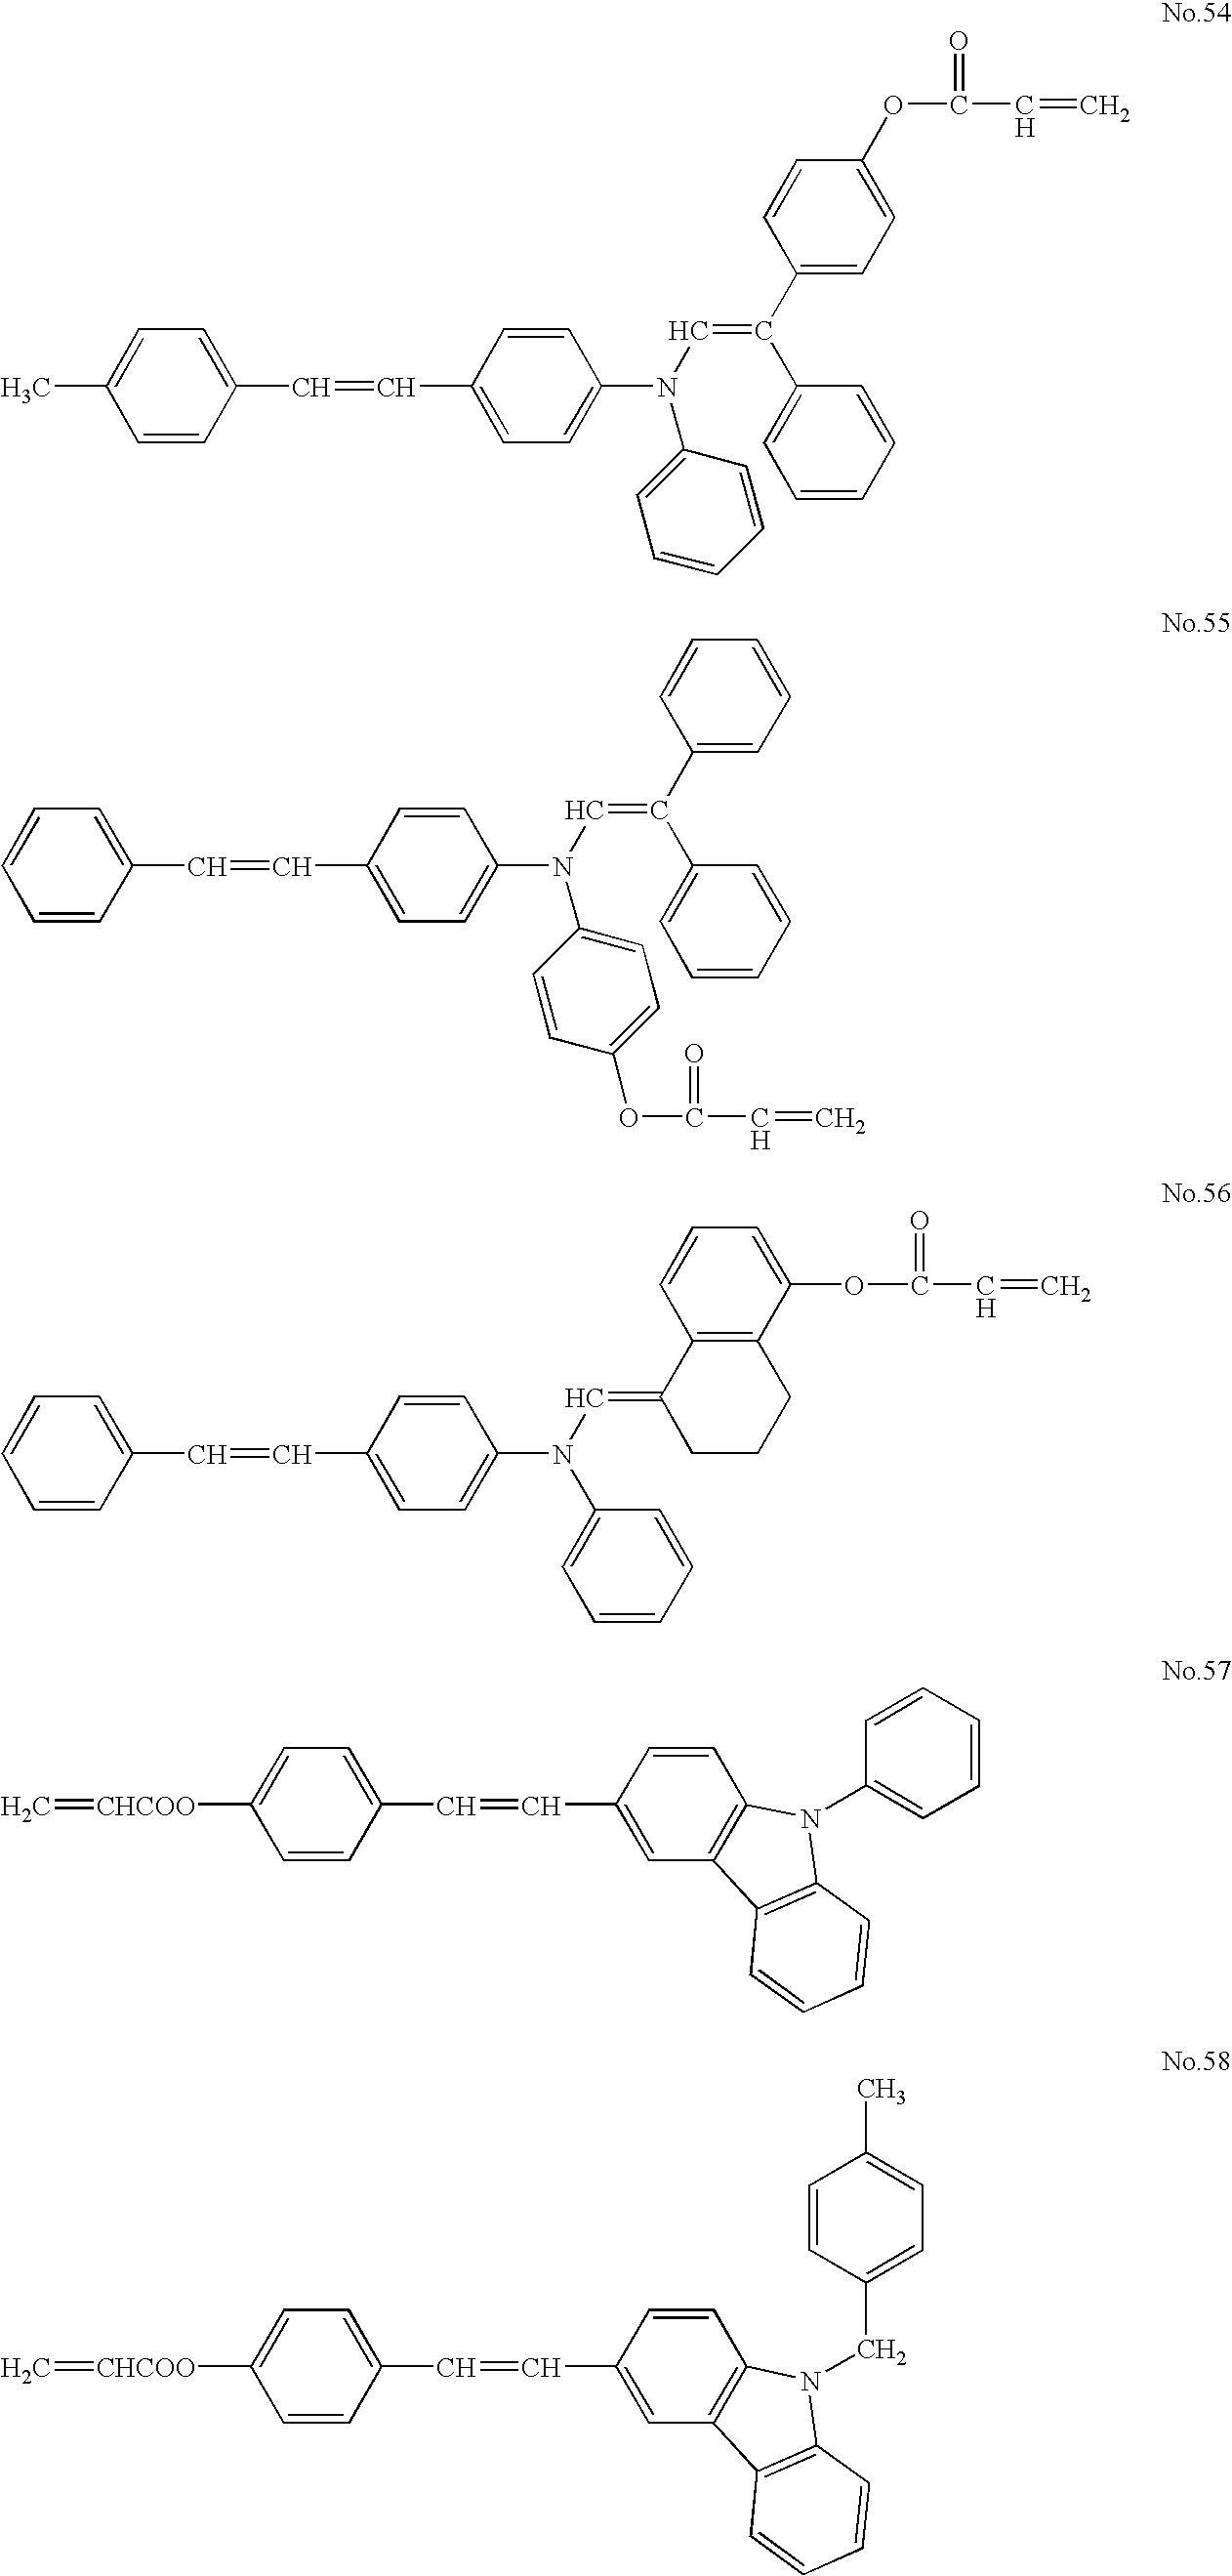 Figure US20060078809A1-20060413-C00017